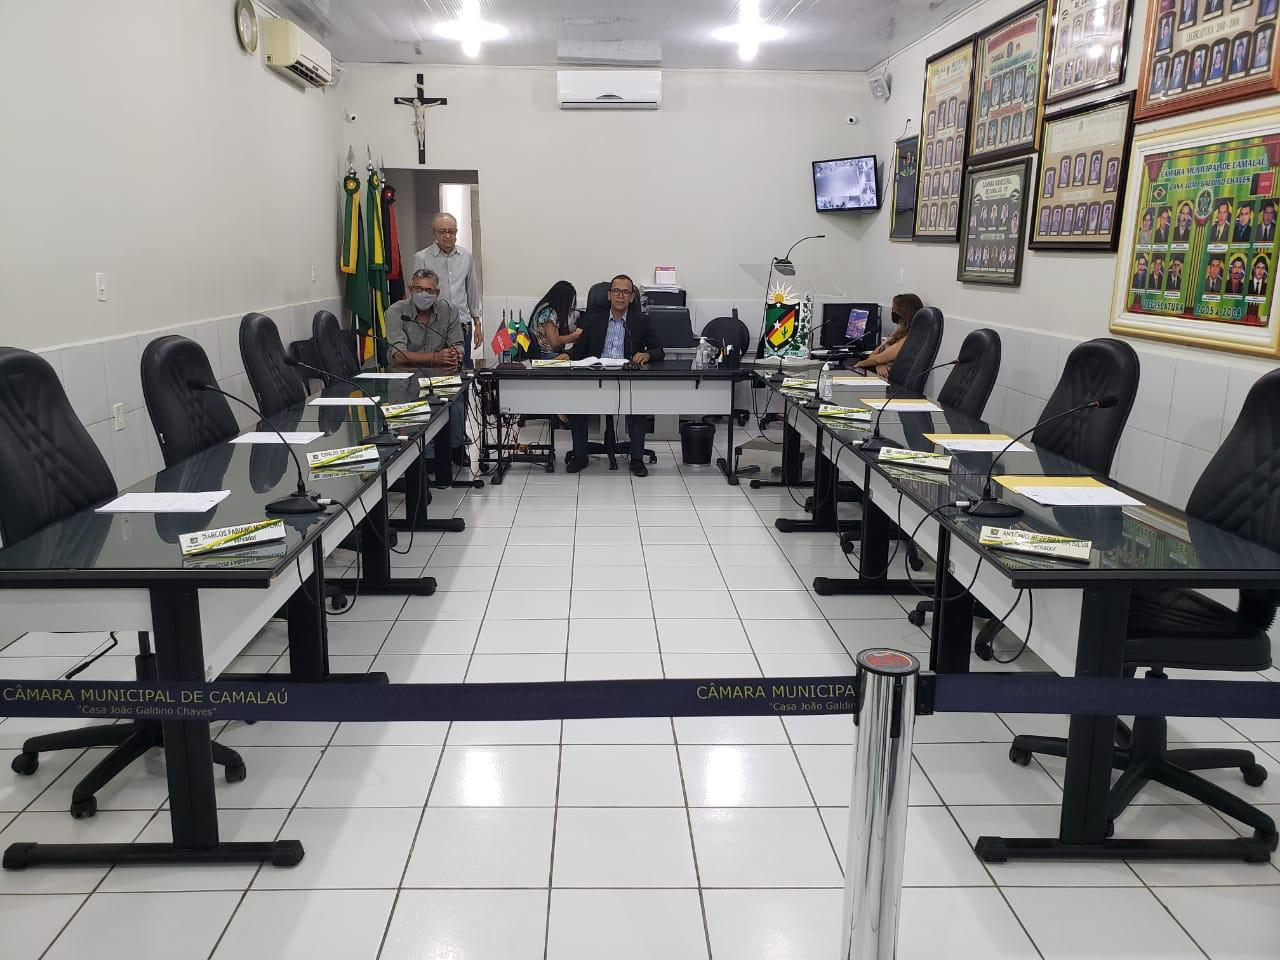 WhatsApp-Image-2020-10-30-at-19.27.36 Vereadores não comparecem a sessões ordinárias da Câmara de Camalaú e presidente lamenta